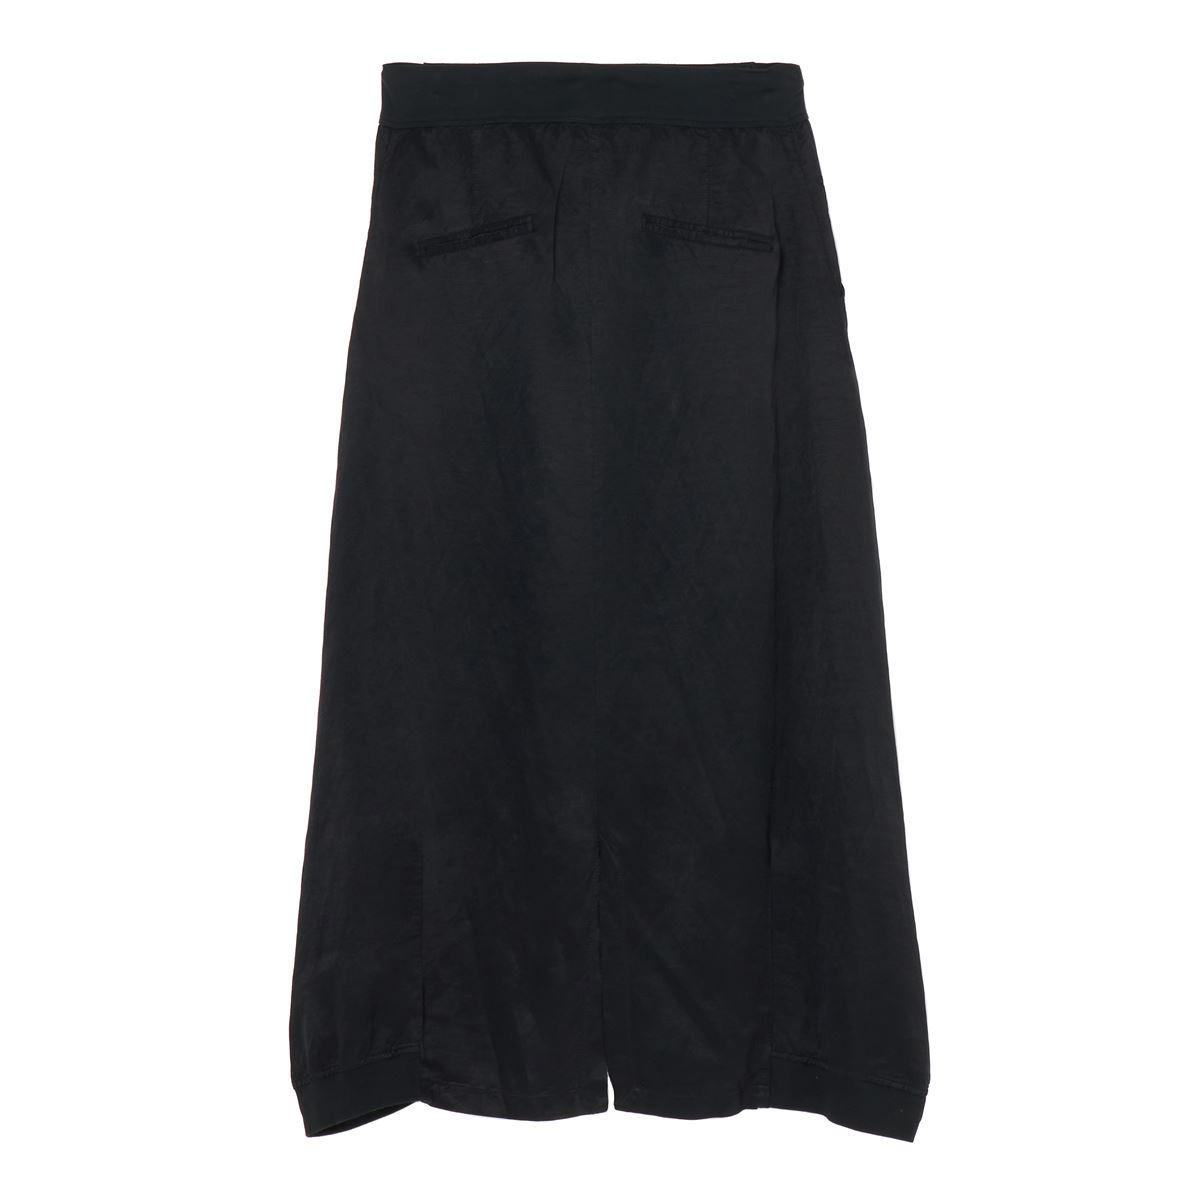 [サマーセール再値下げ40%OFF]EUROPEAN CULTURE[ヨーロピアンカルチャー]  253U 7083-1600 スカート ブラック